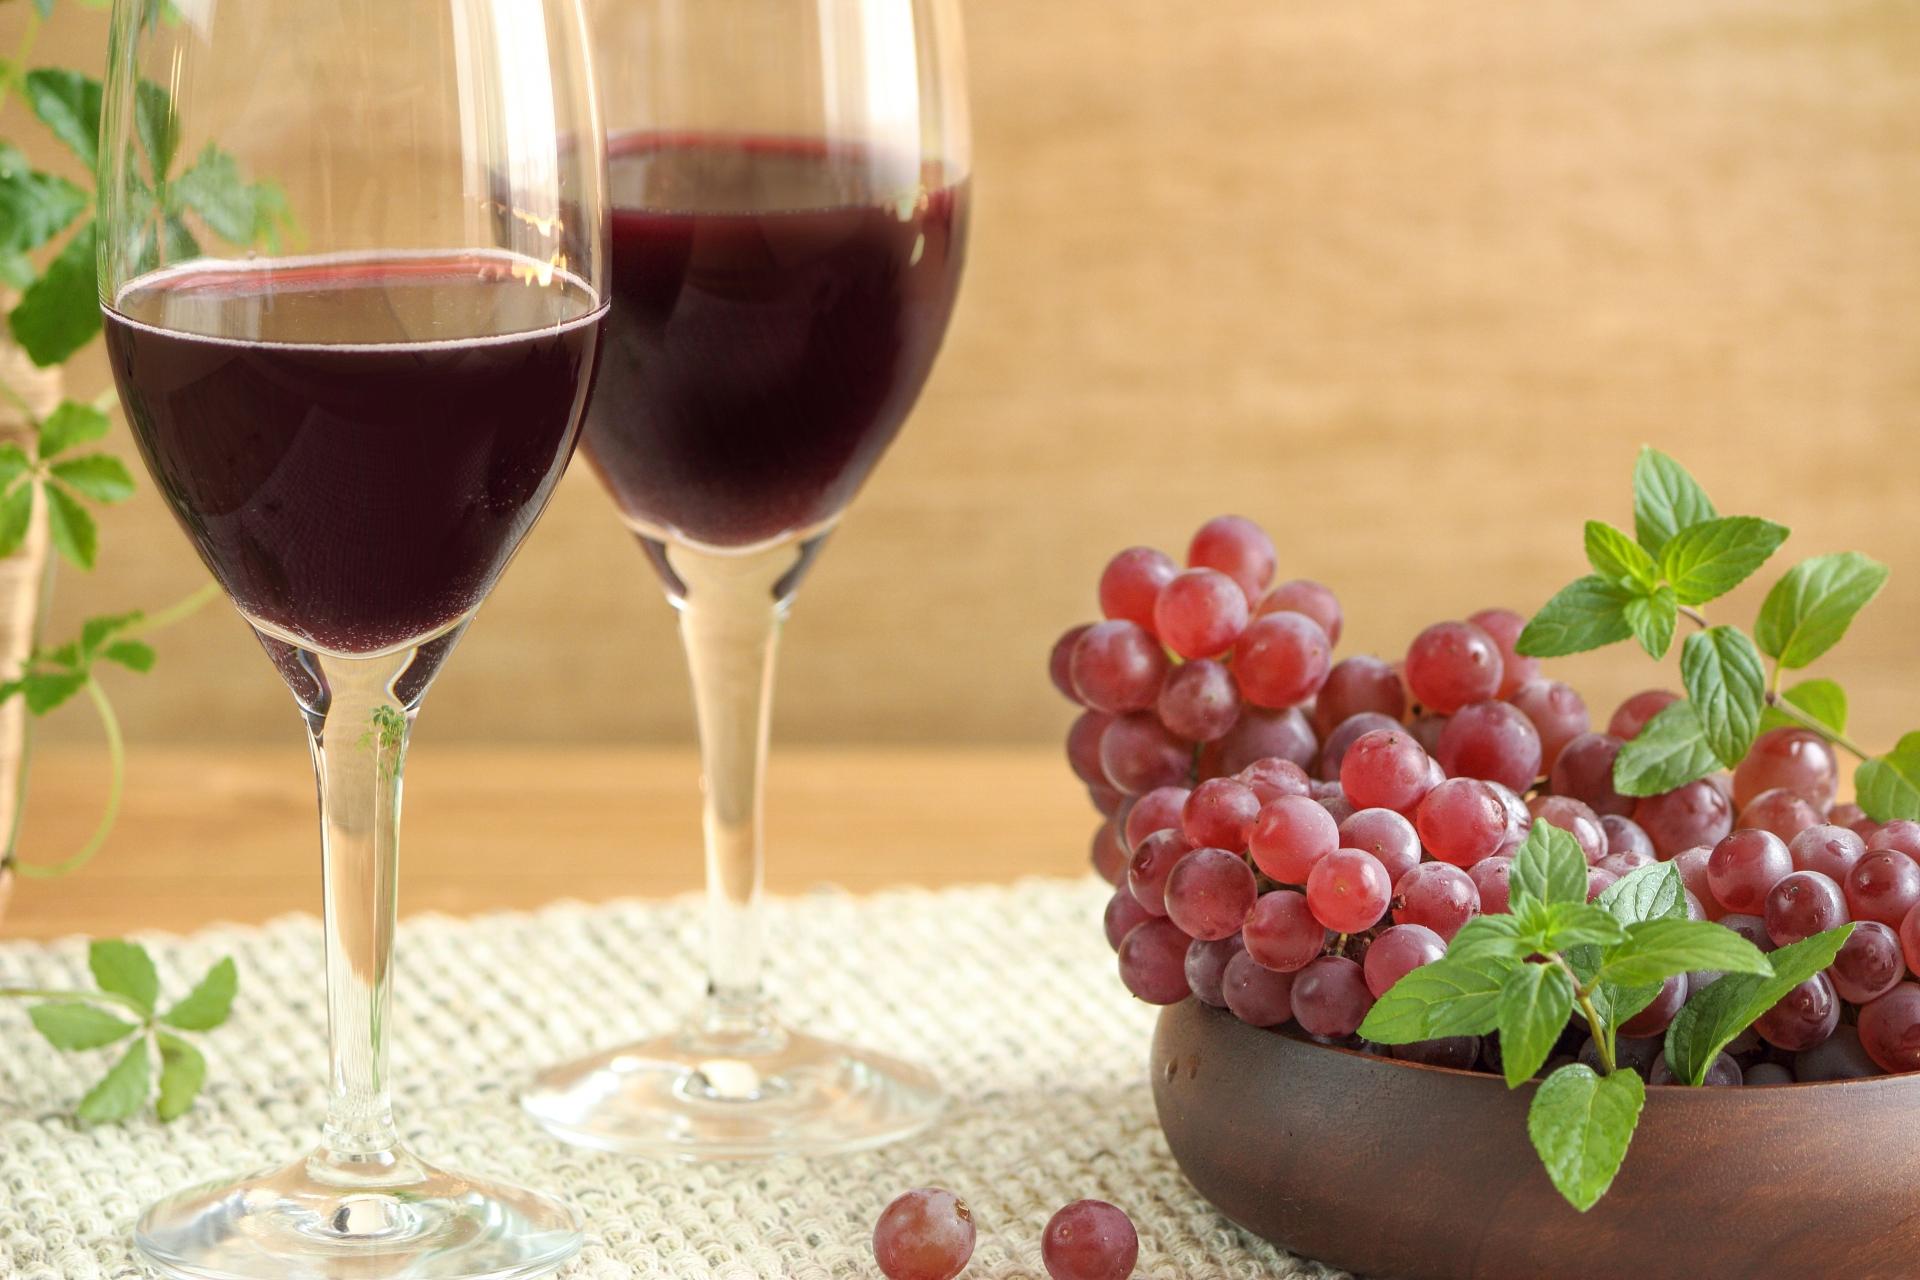 赤ワインのおすすめ11選!初心者向けやプレゼント向けも